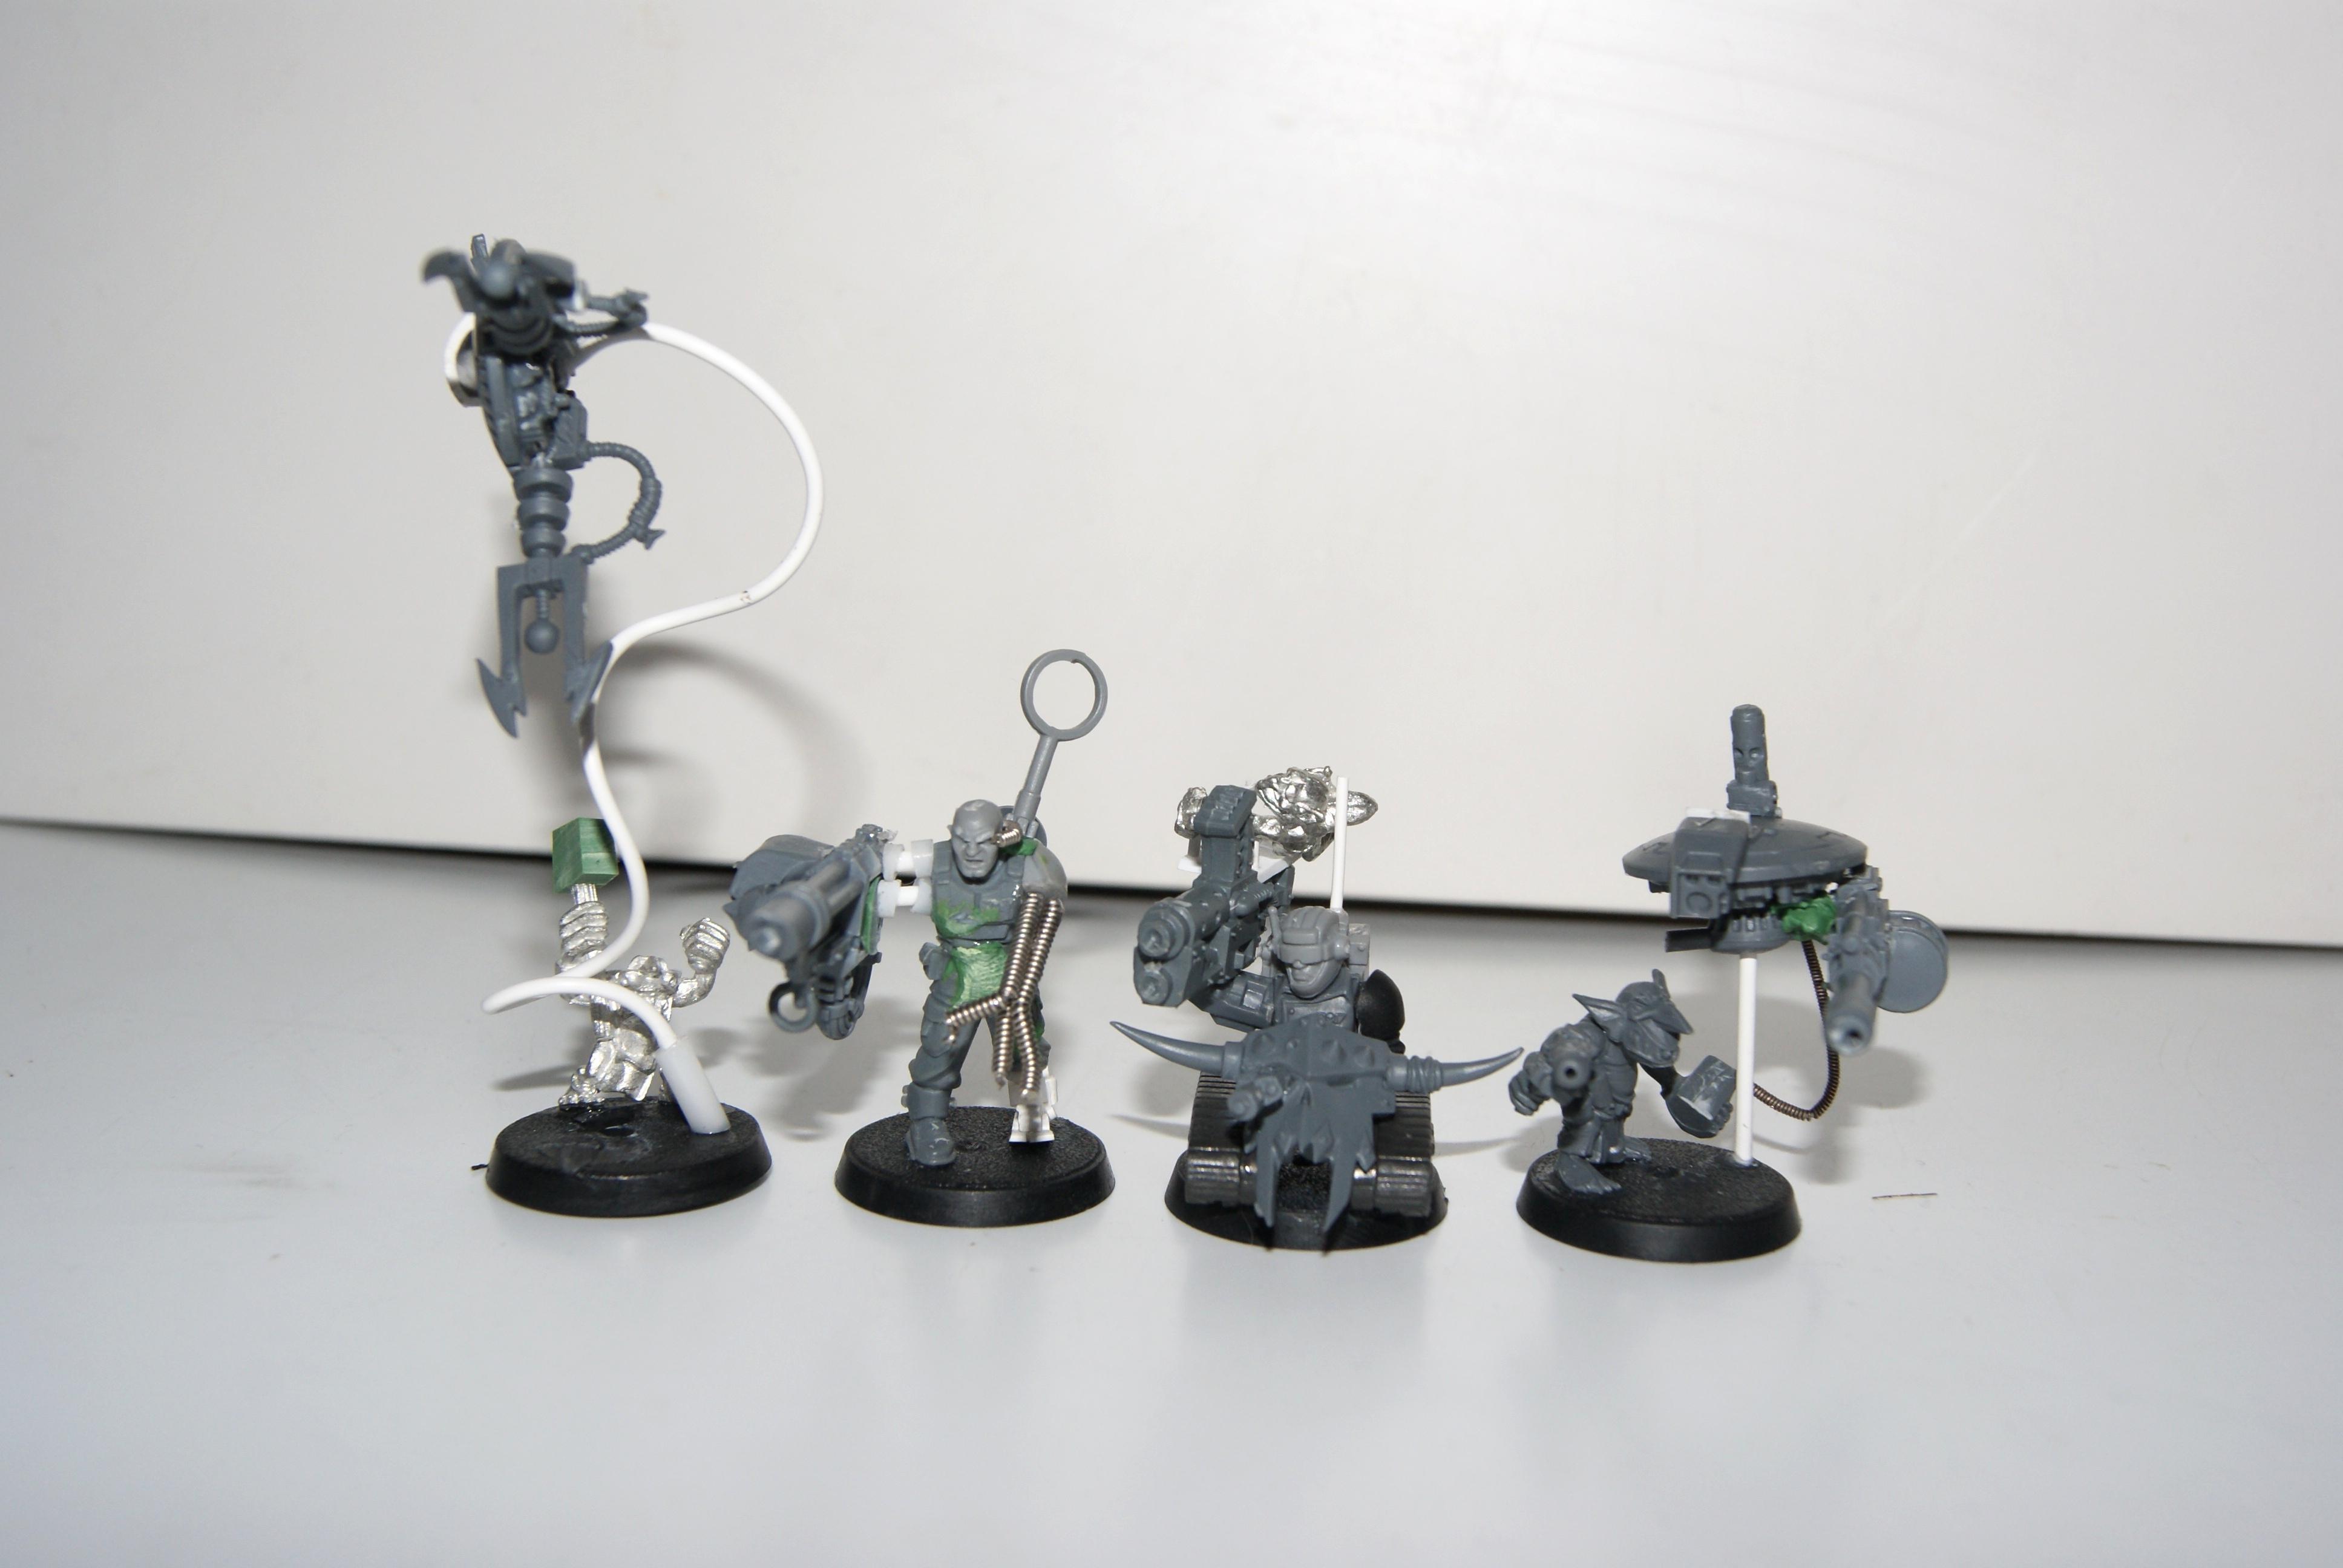 Conversion, Grot Rebellion, Grot Rebels, Grots, Lootas, Orks, Warhammer 40,000, Work In Progress